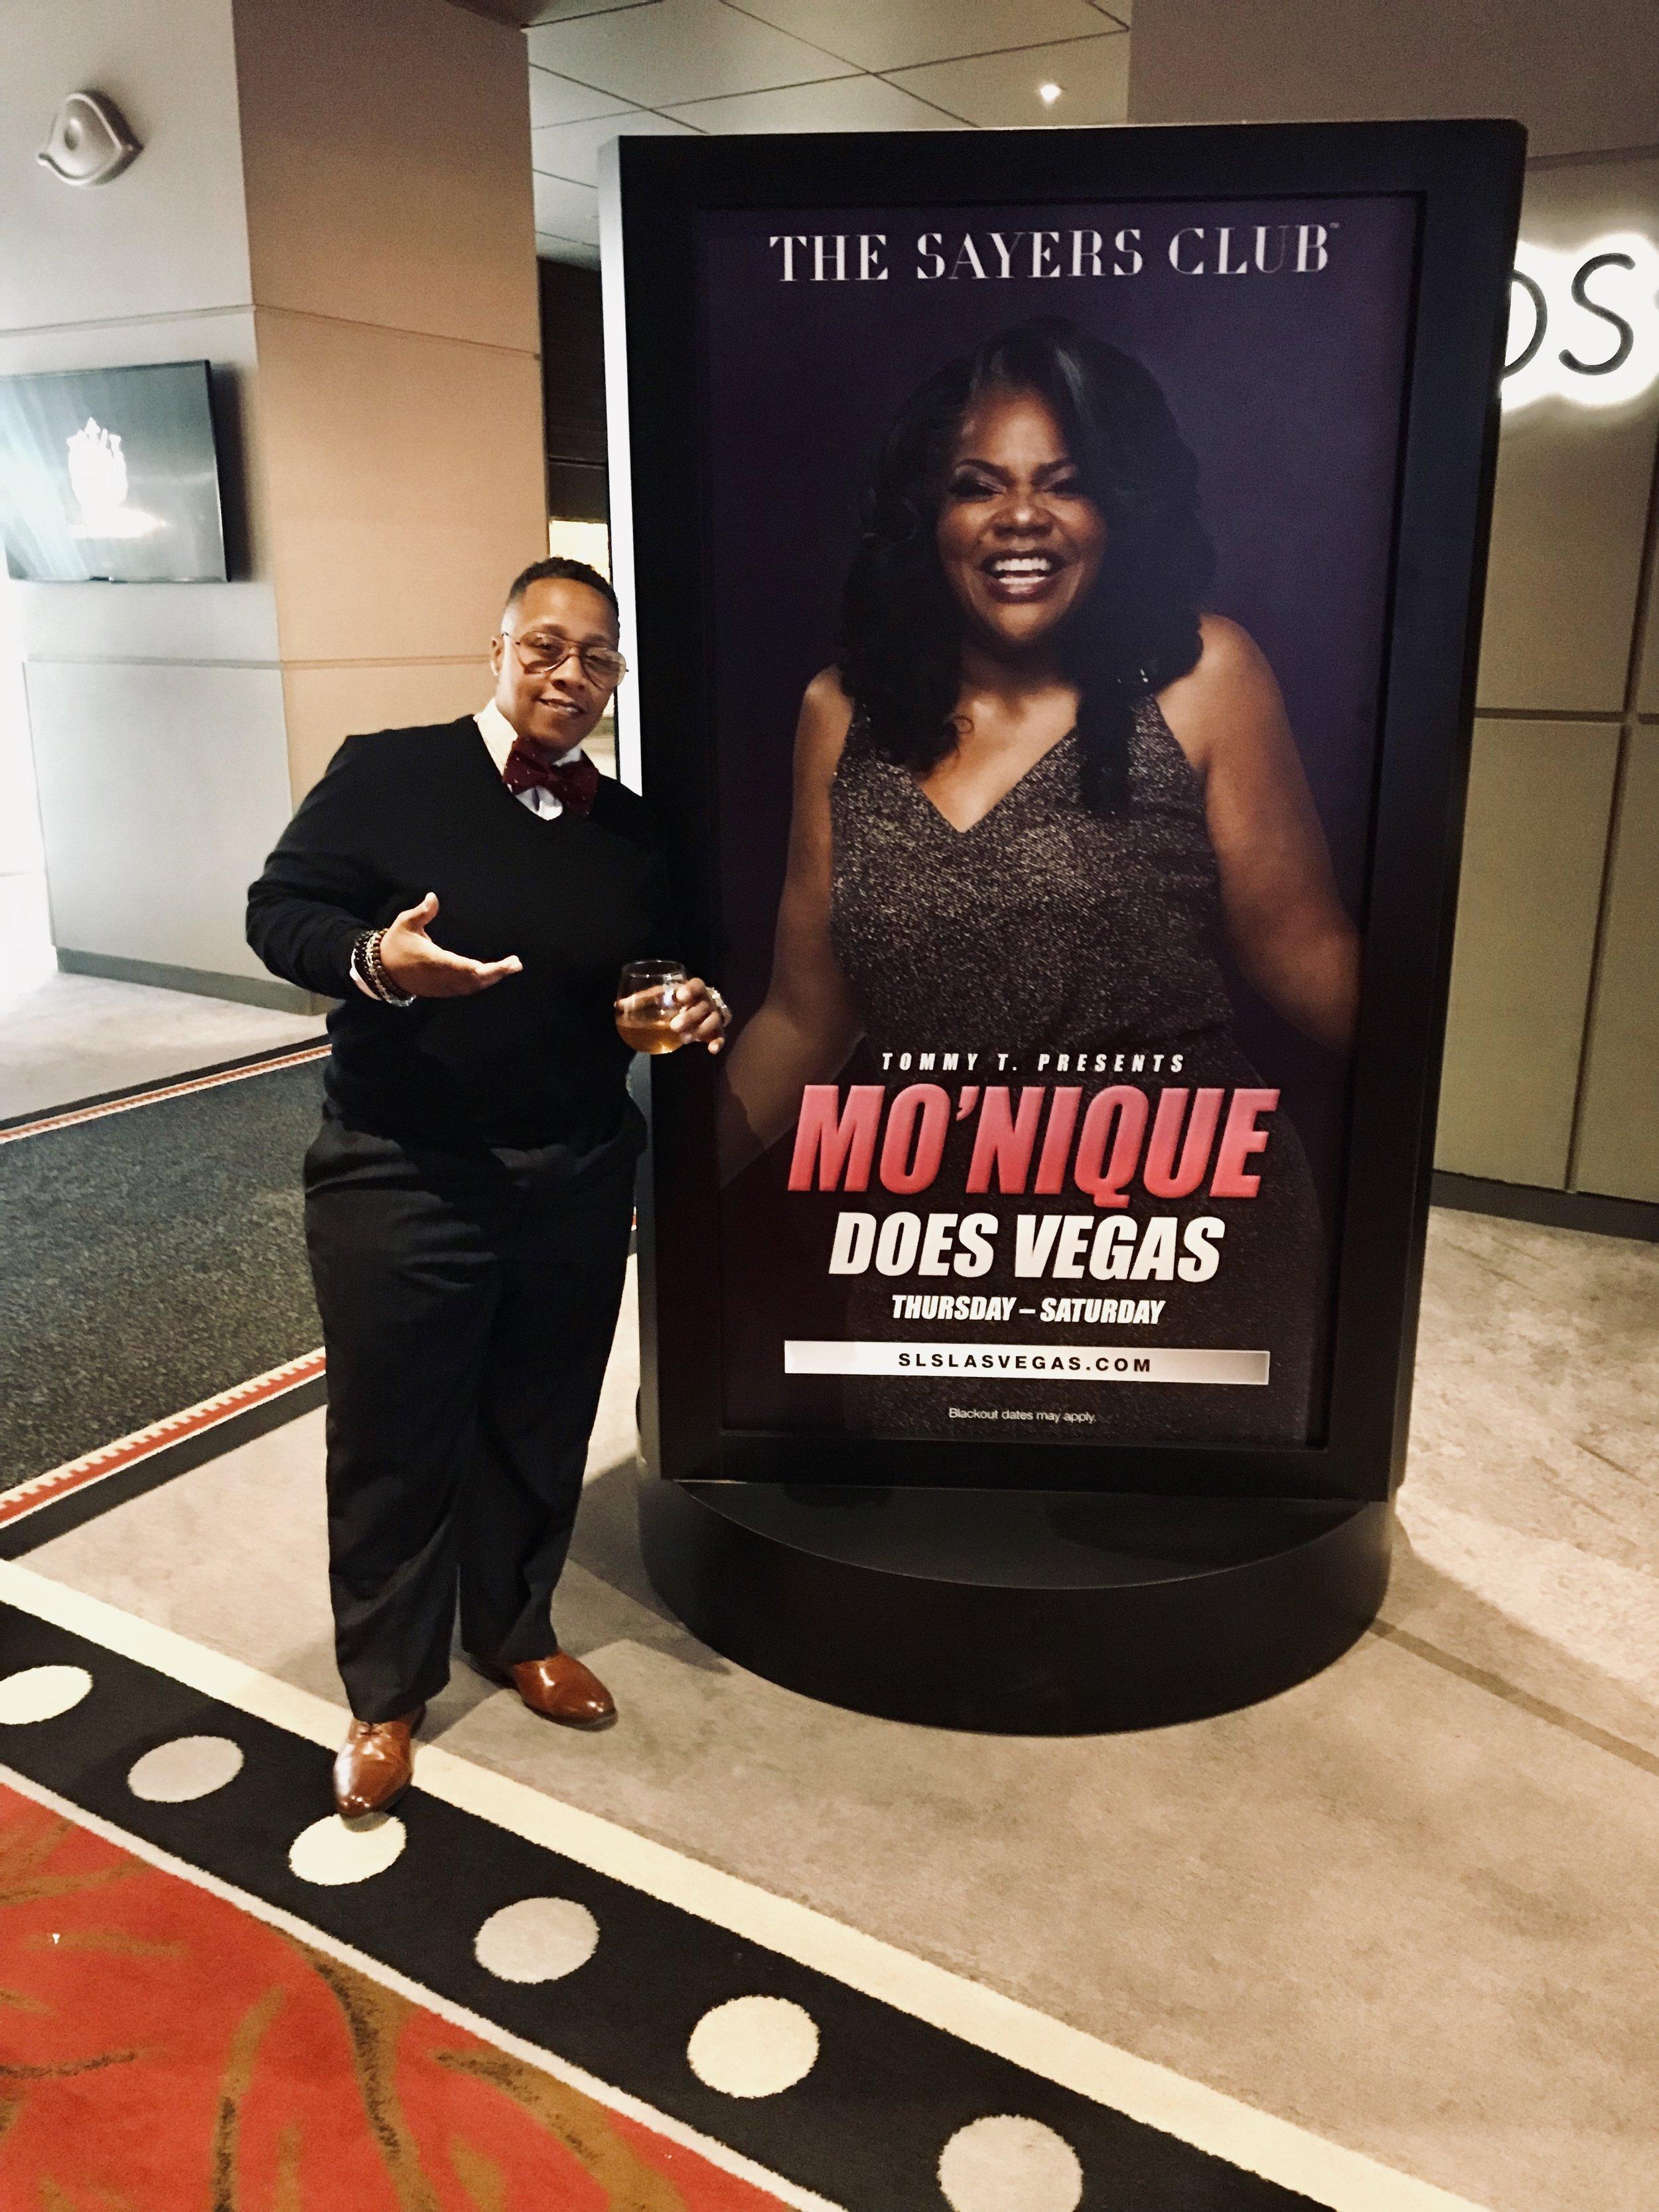 SLS Sayers Club Las Vegas NV Mo'Nique